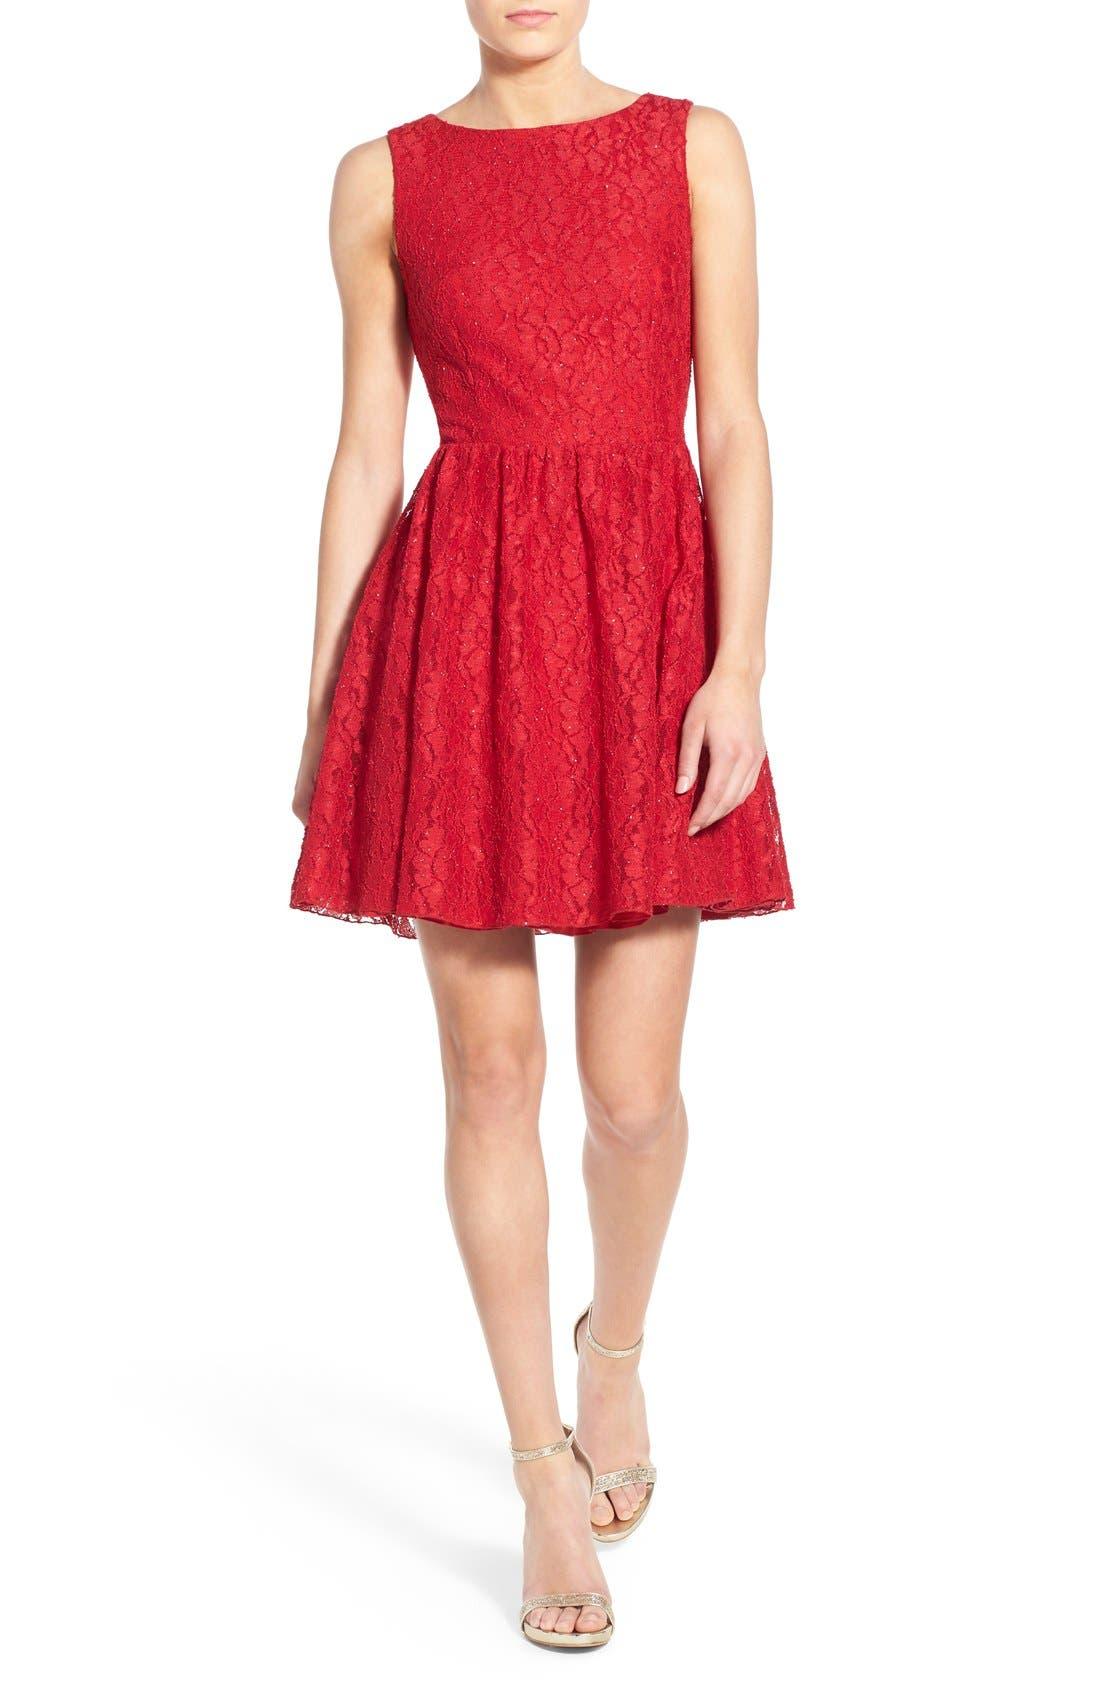 Alternate Image 1 Selected - Speechless Glitter Lace Skater Dress